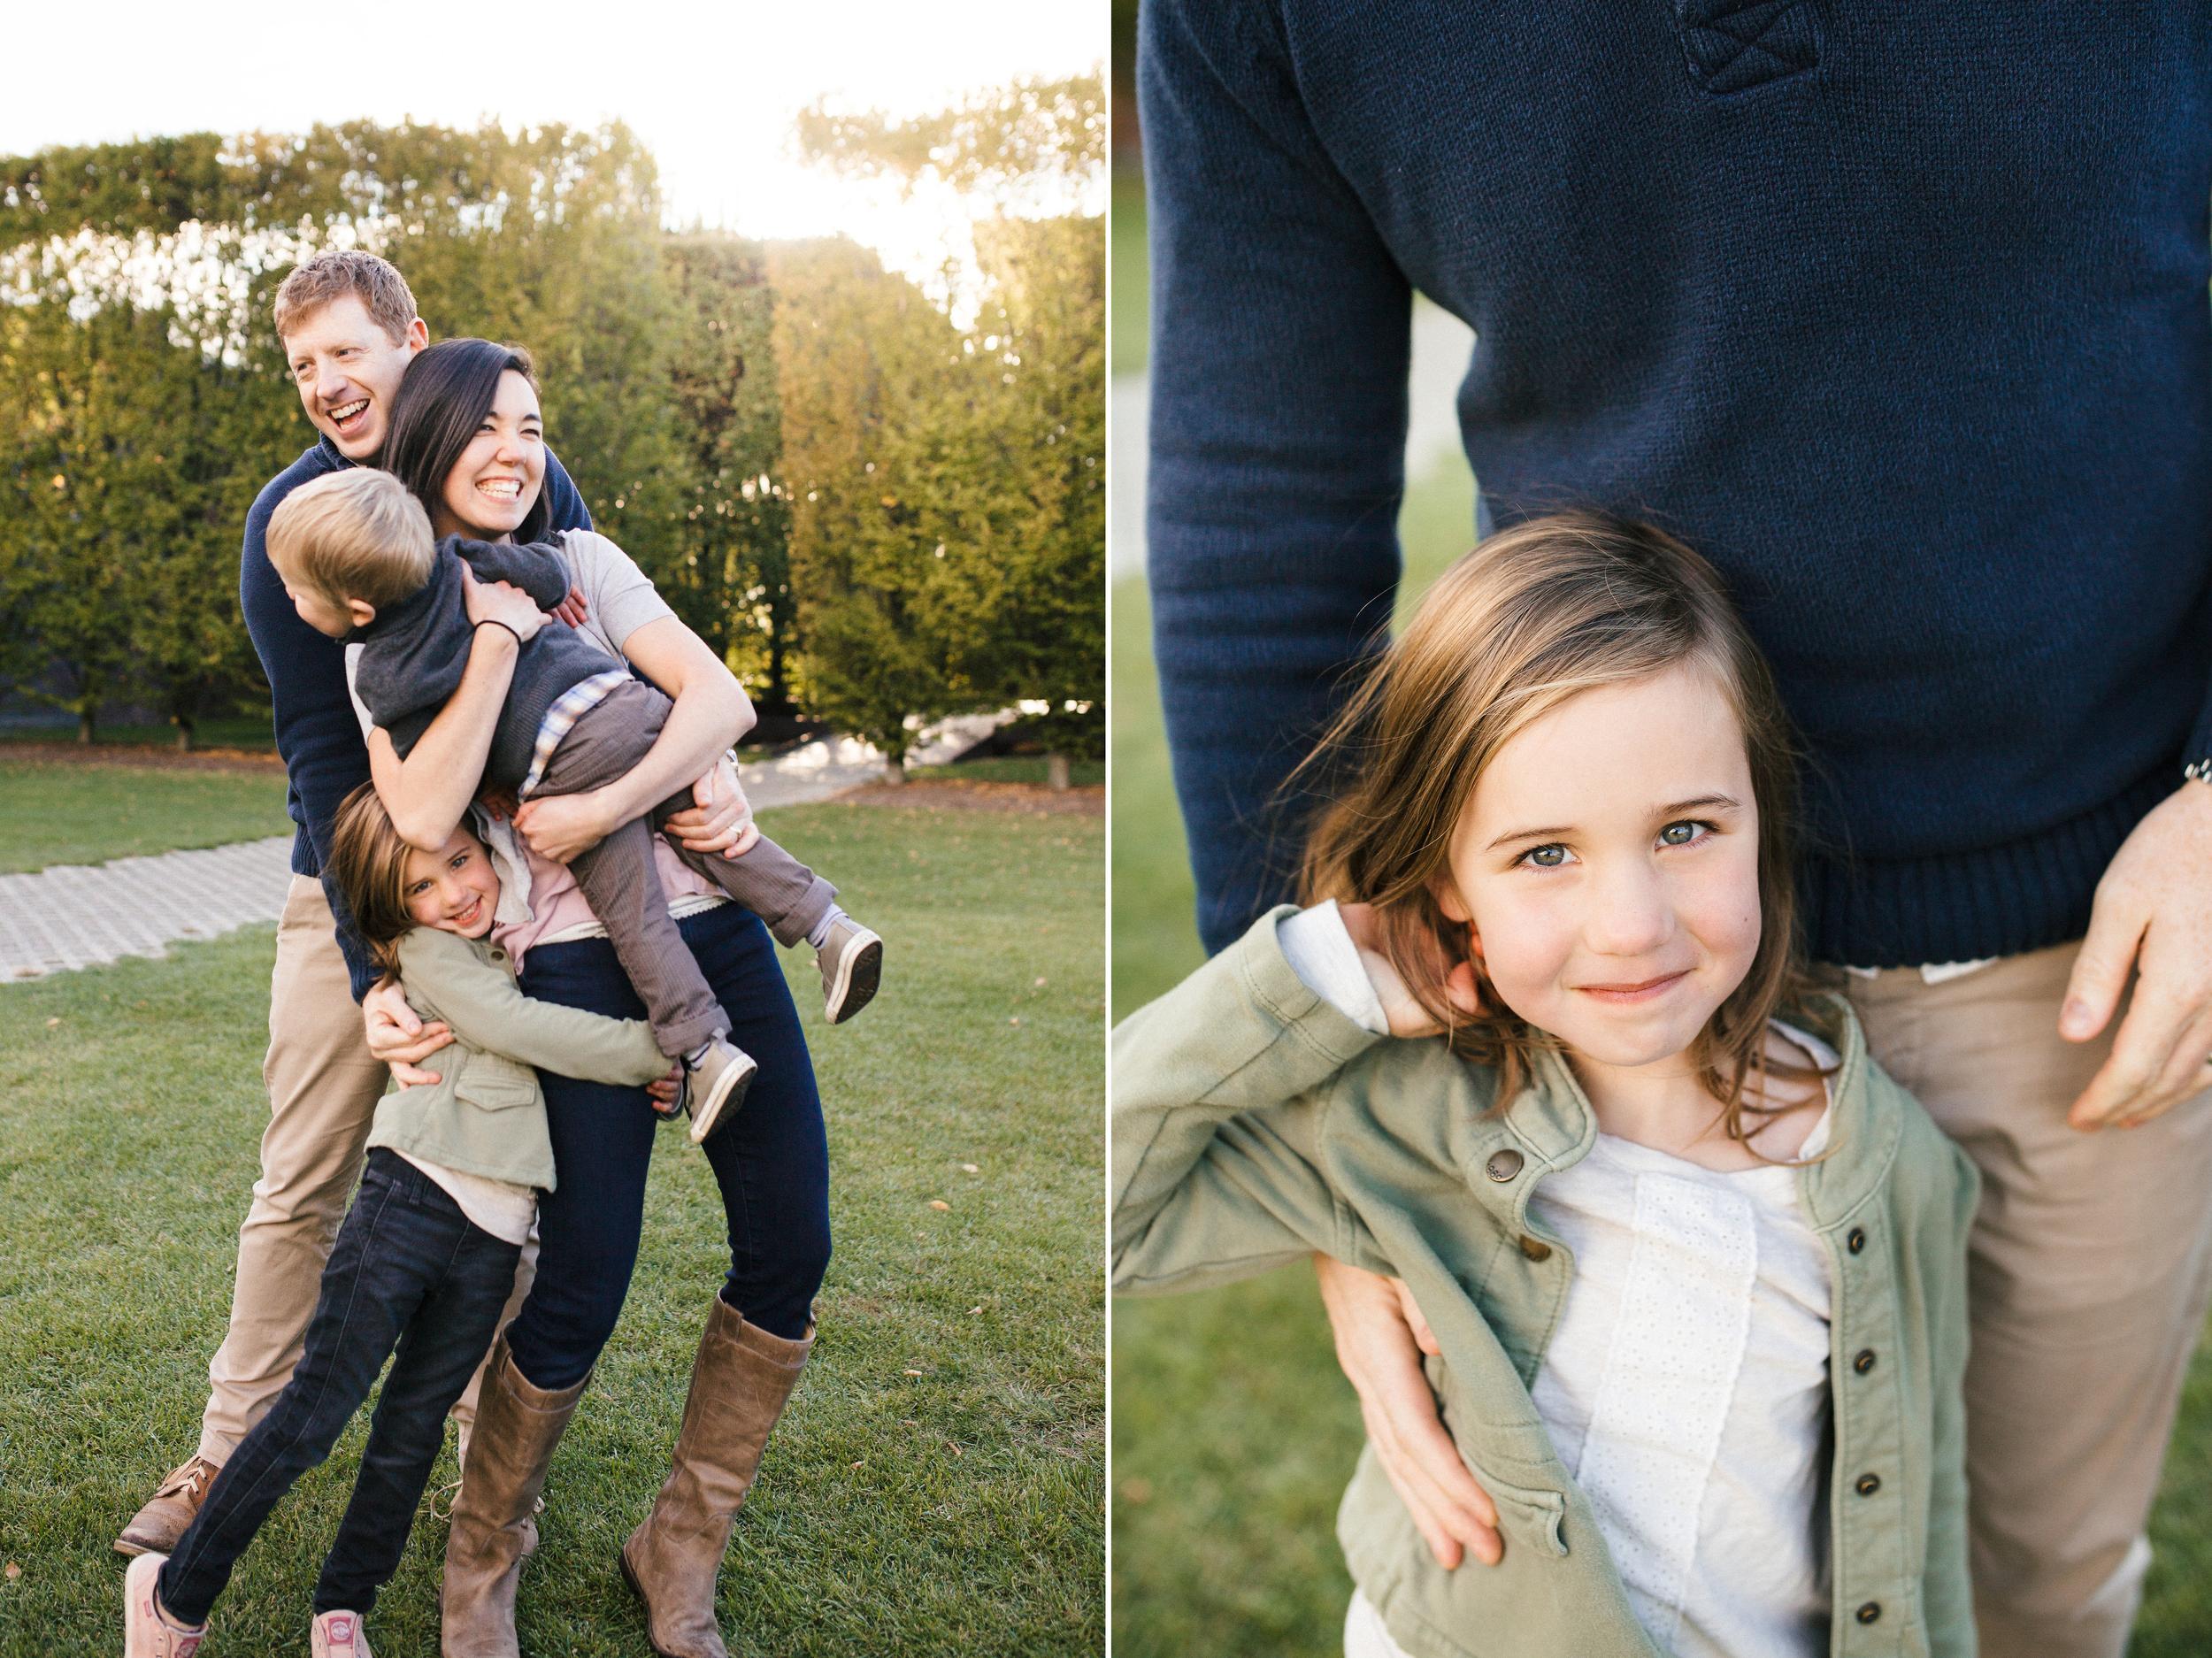 dia-beacon-family-photography_hudson-valley-ny-brooklyn-5.jpg